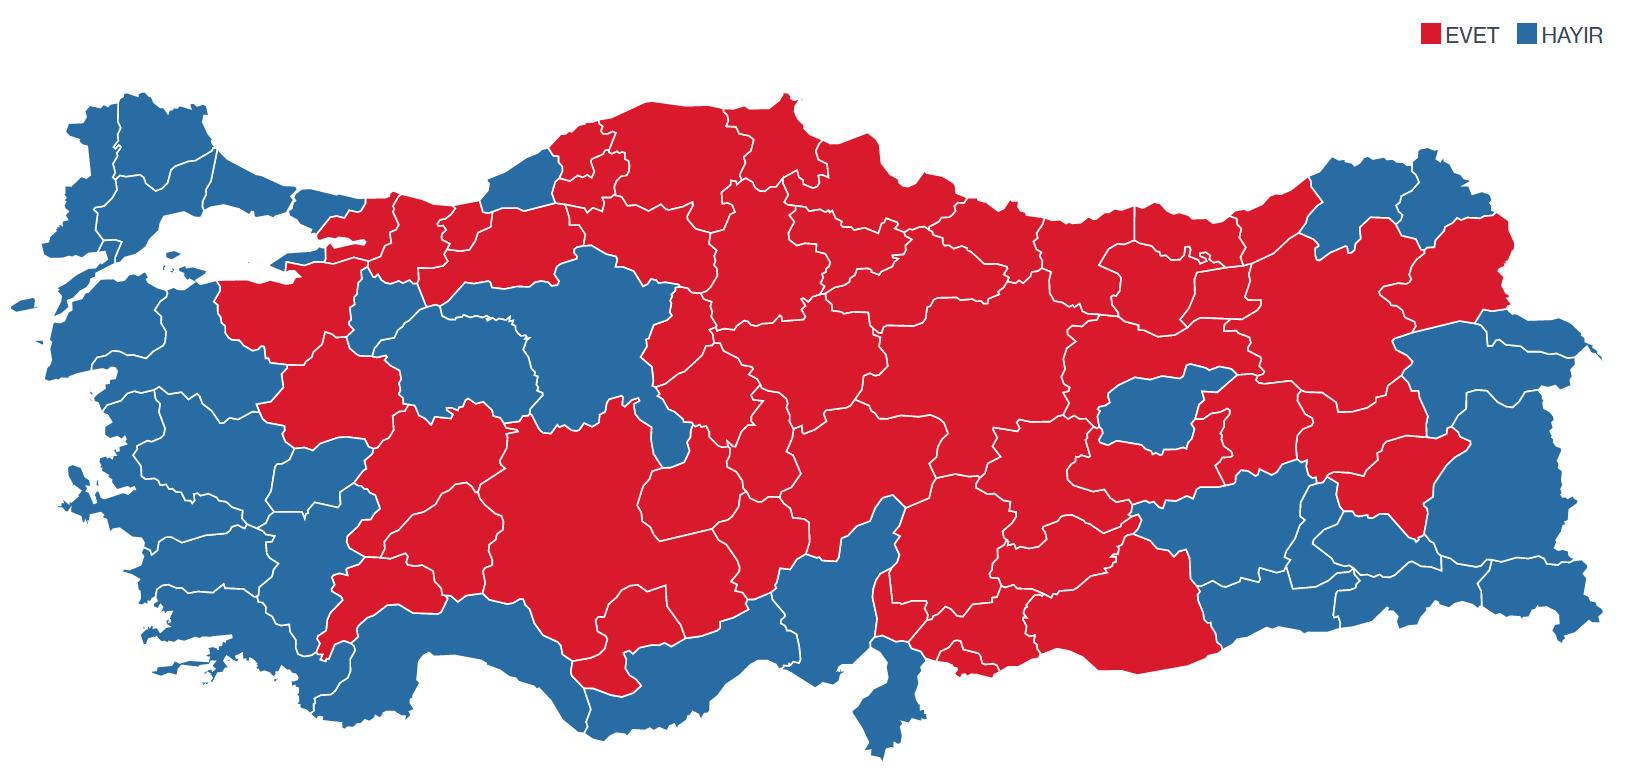 Türkiye'nin 7 büyük ilinde AKP-MHP ittifakı çöktü